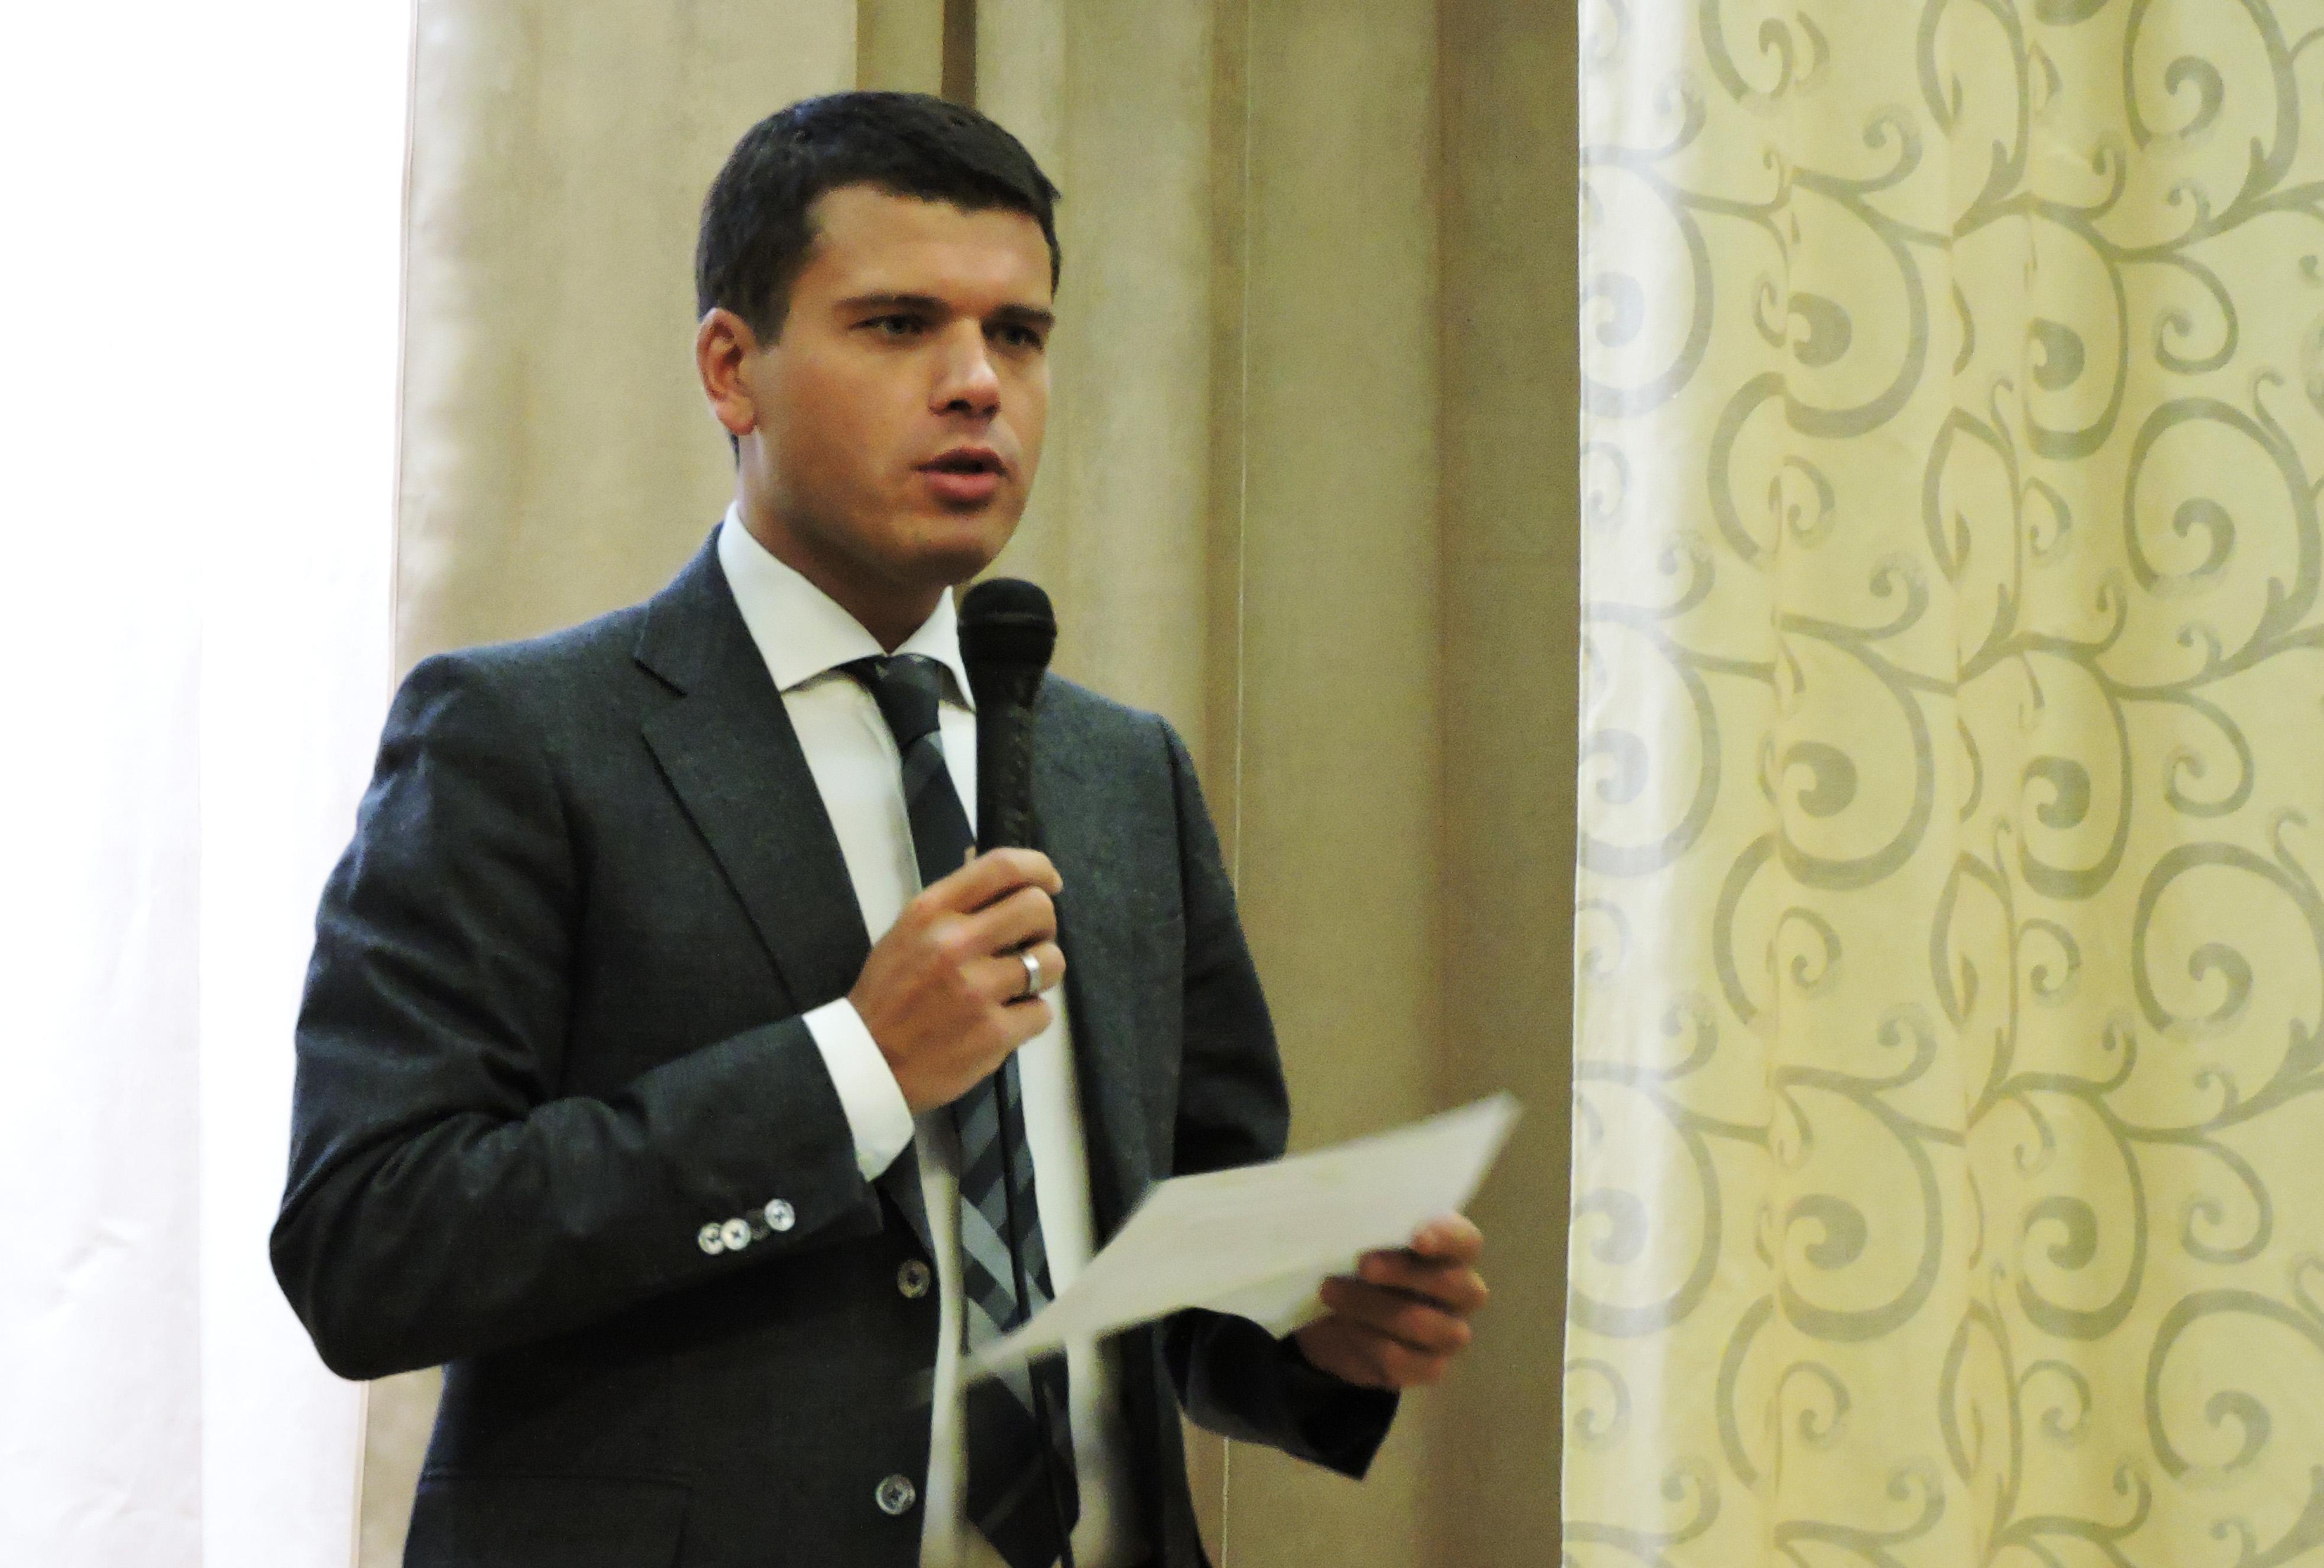 Дмитрий Матвиец. Фото: Алексей Владимиров